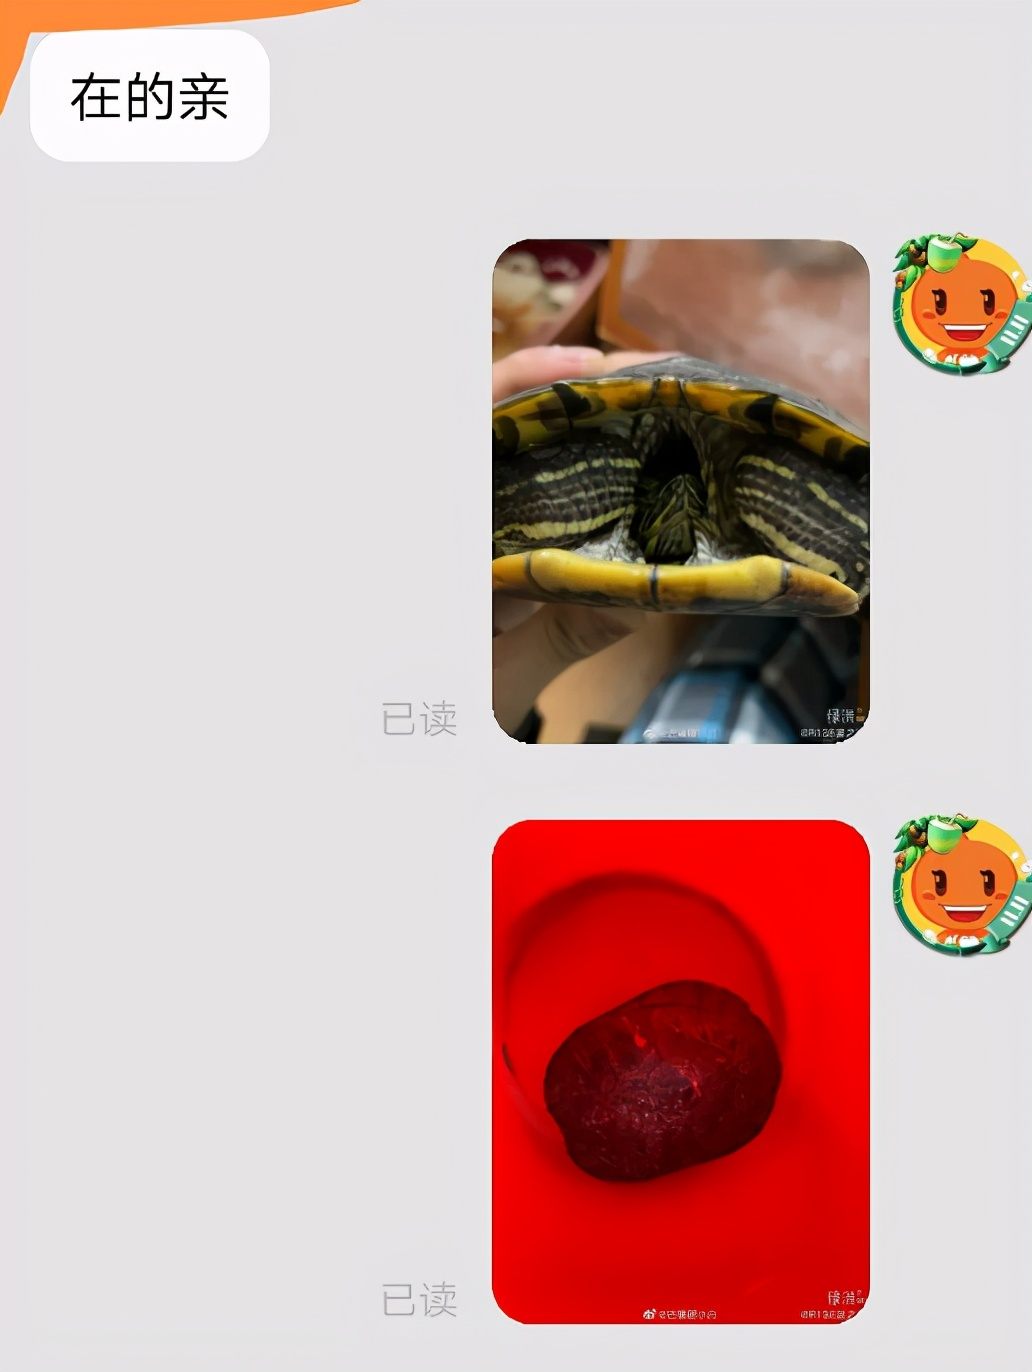 R1SE夏之光自称放生乌龟,却因没有常识被嘲,商家一句话戳穿